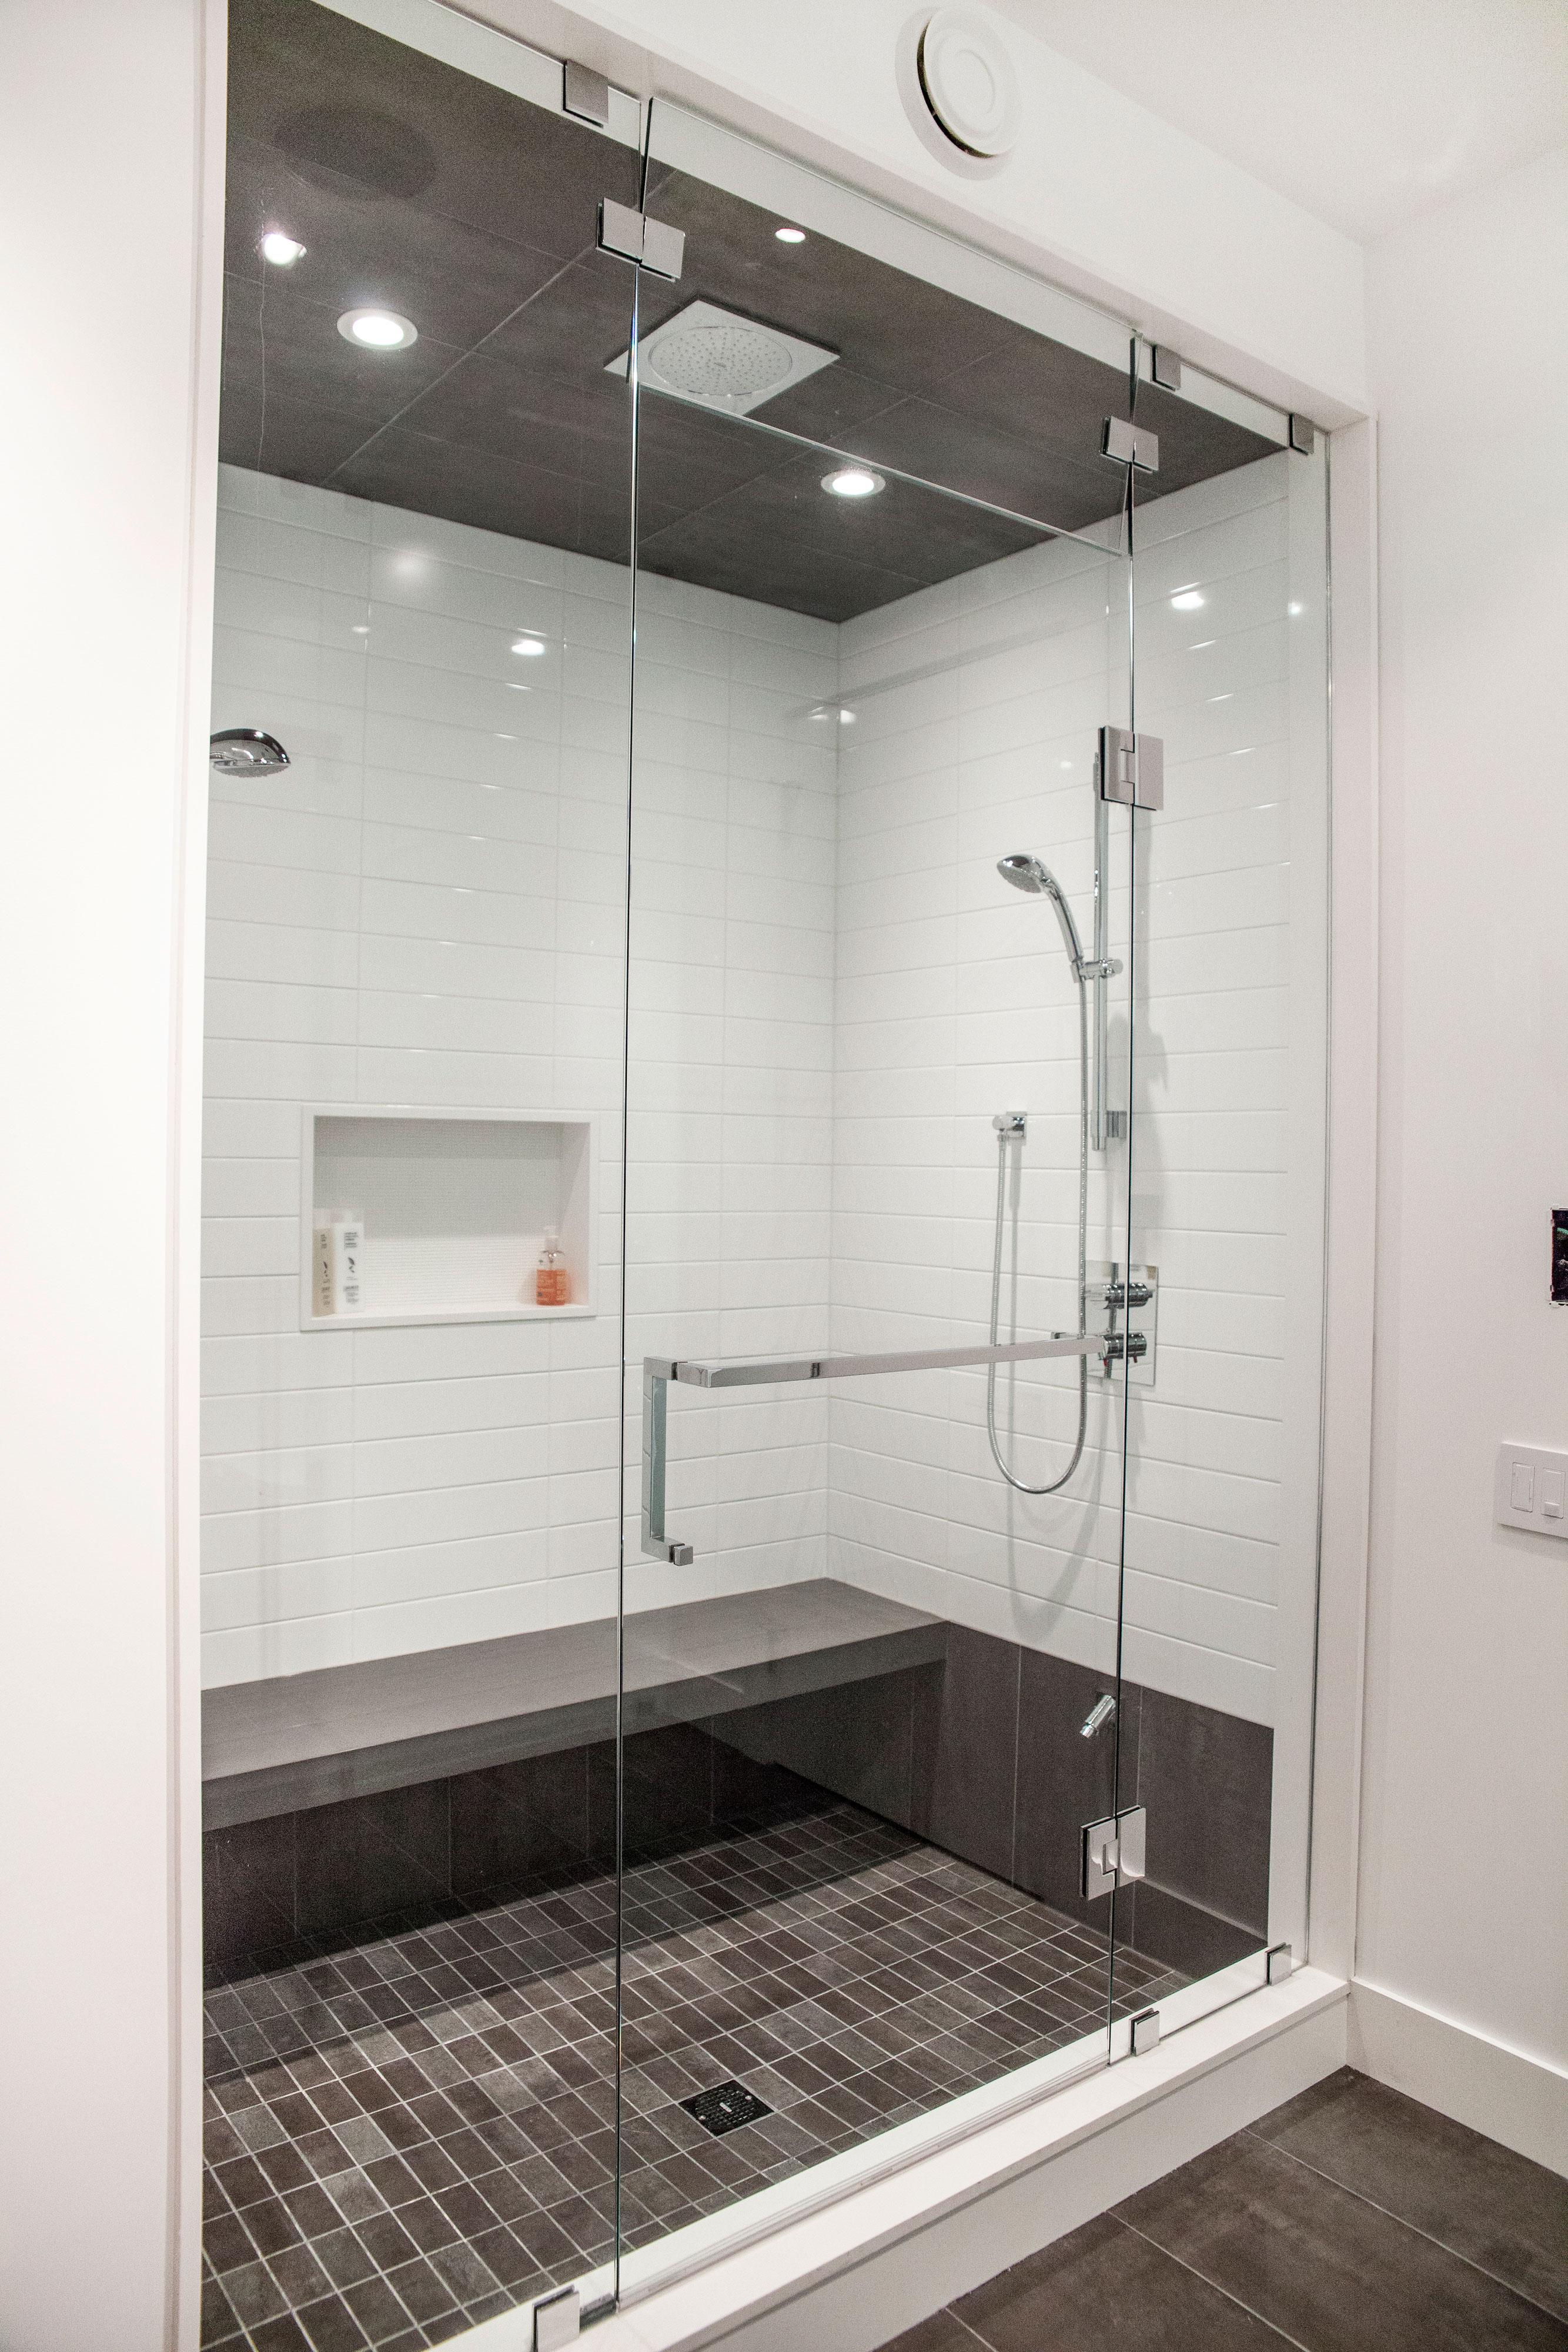 Sierra Glass – Frameless Glass Shower Enclosures